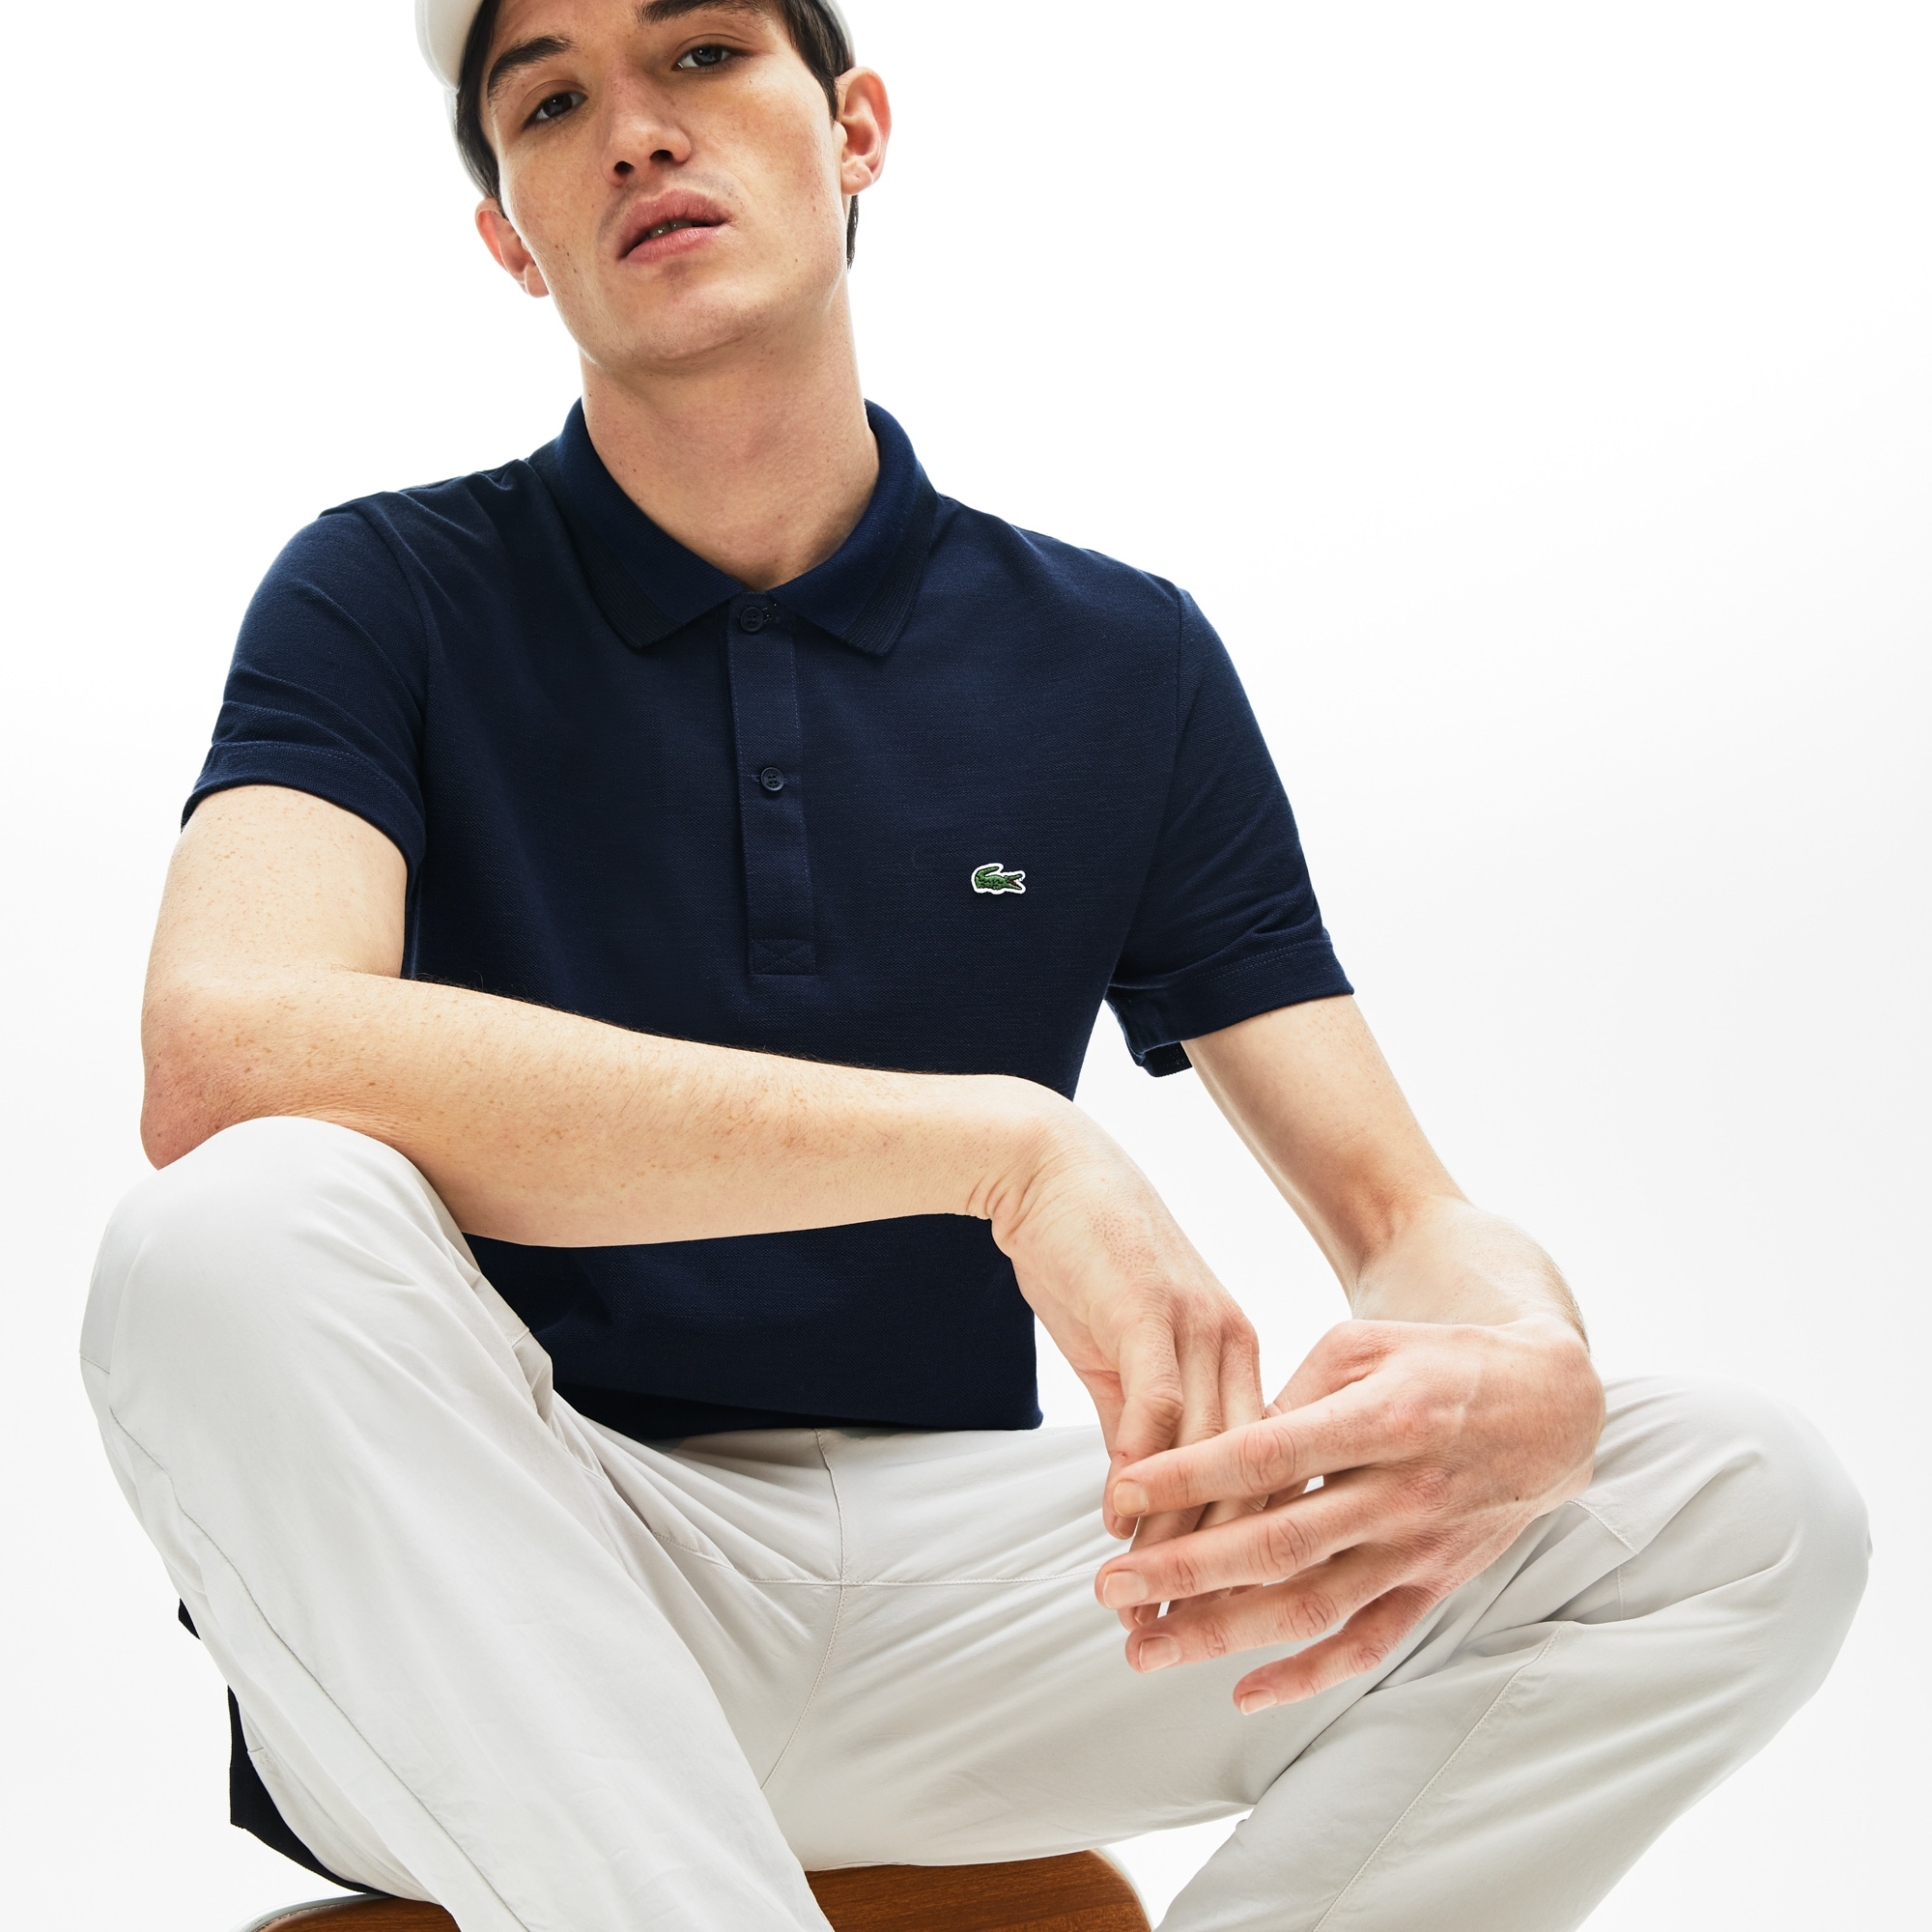 f18a80f3 + 1 color + 4 colors. 40% off. Men's Regular Fit Piqué Polo Shirt